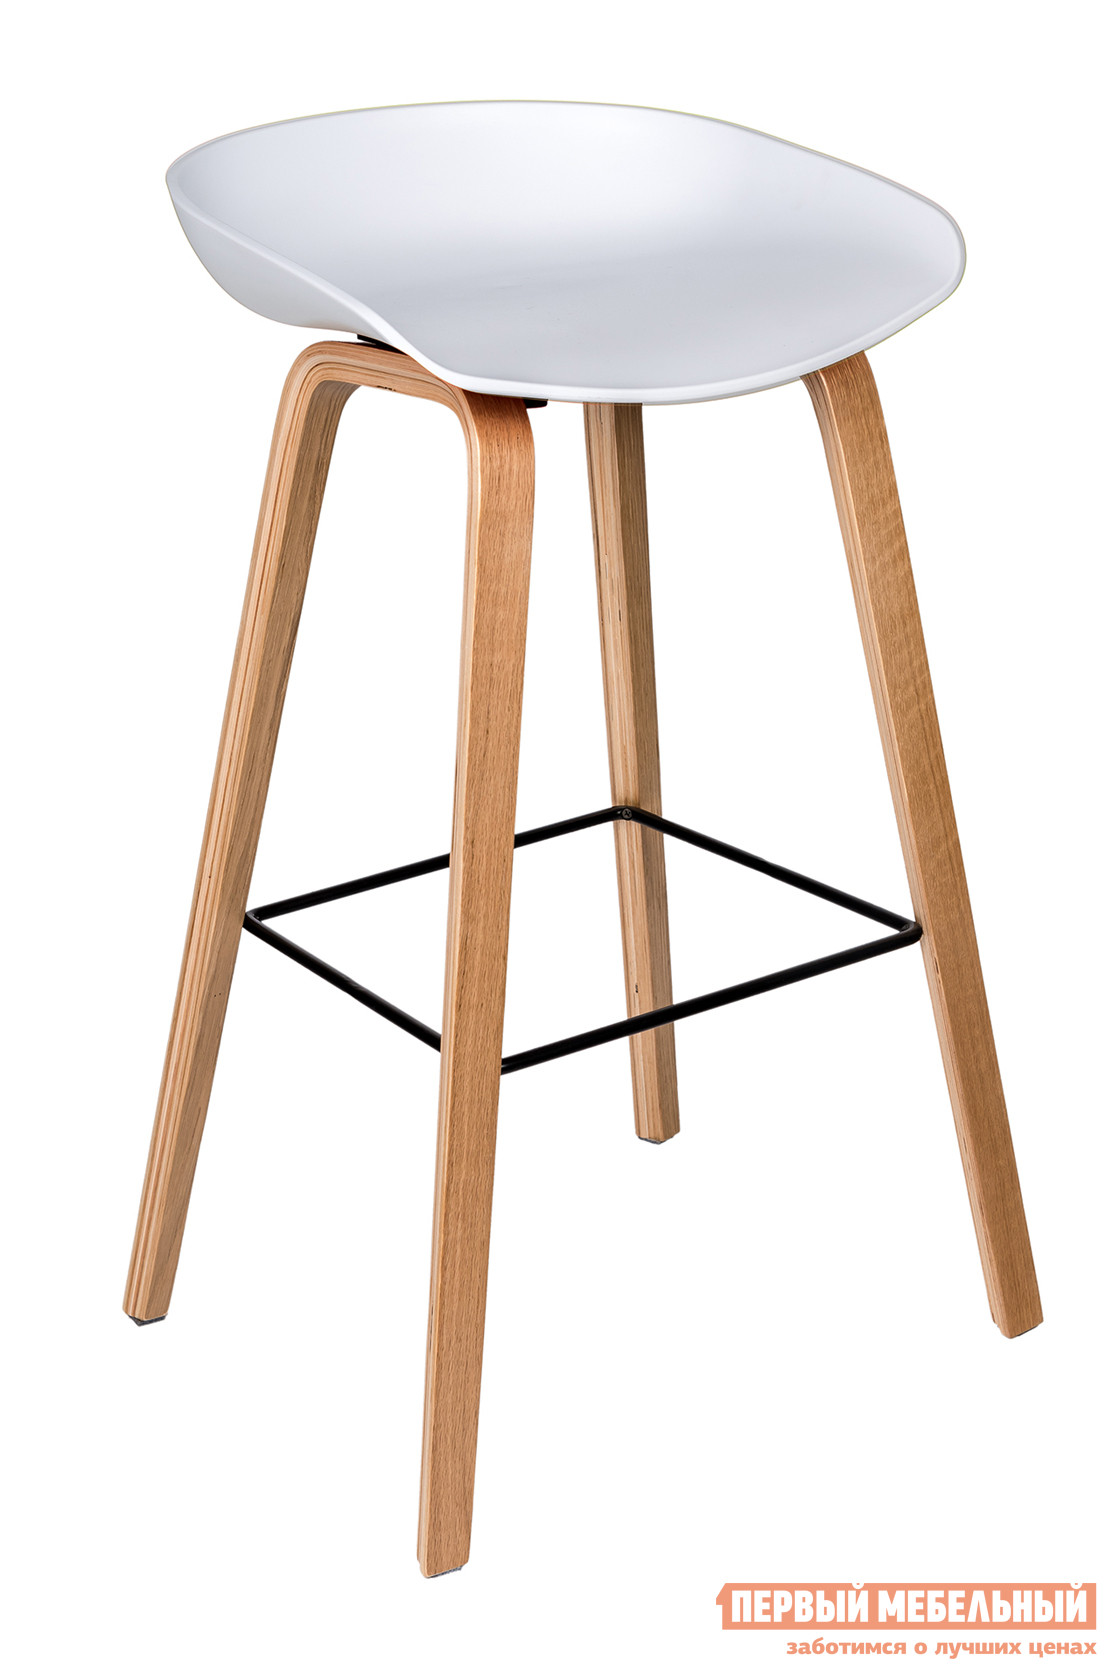 Барный стул STOOL GROUP Libra 8319 Белый от Купистол